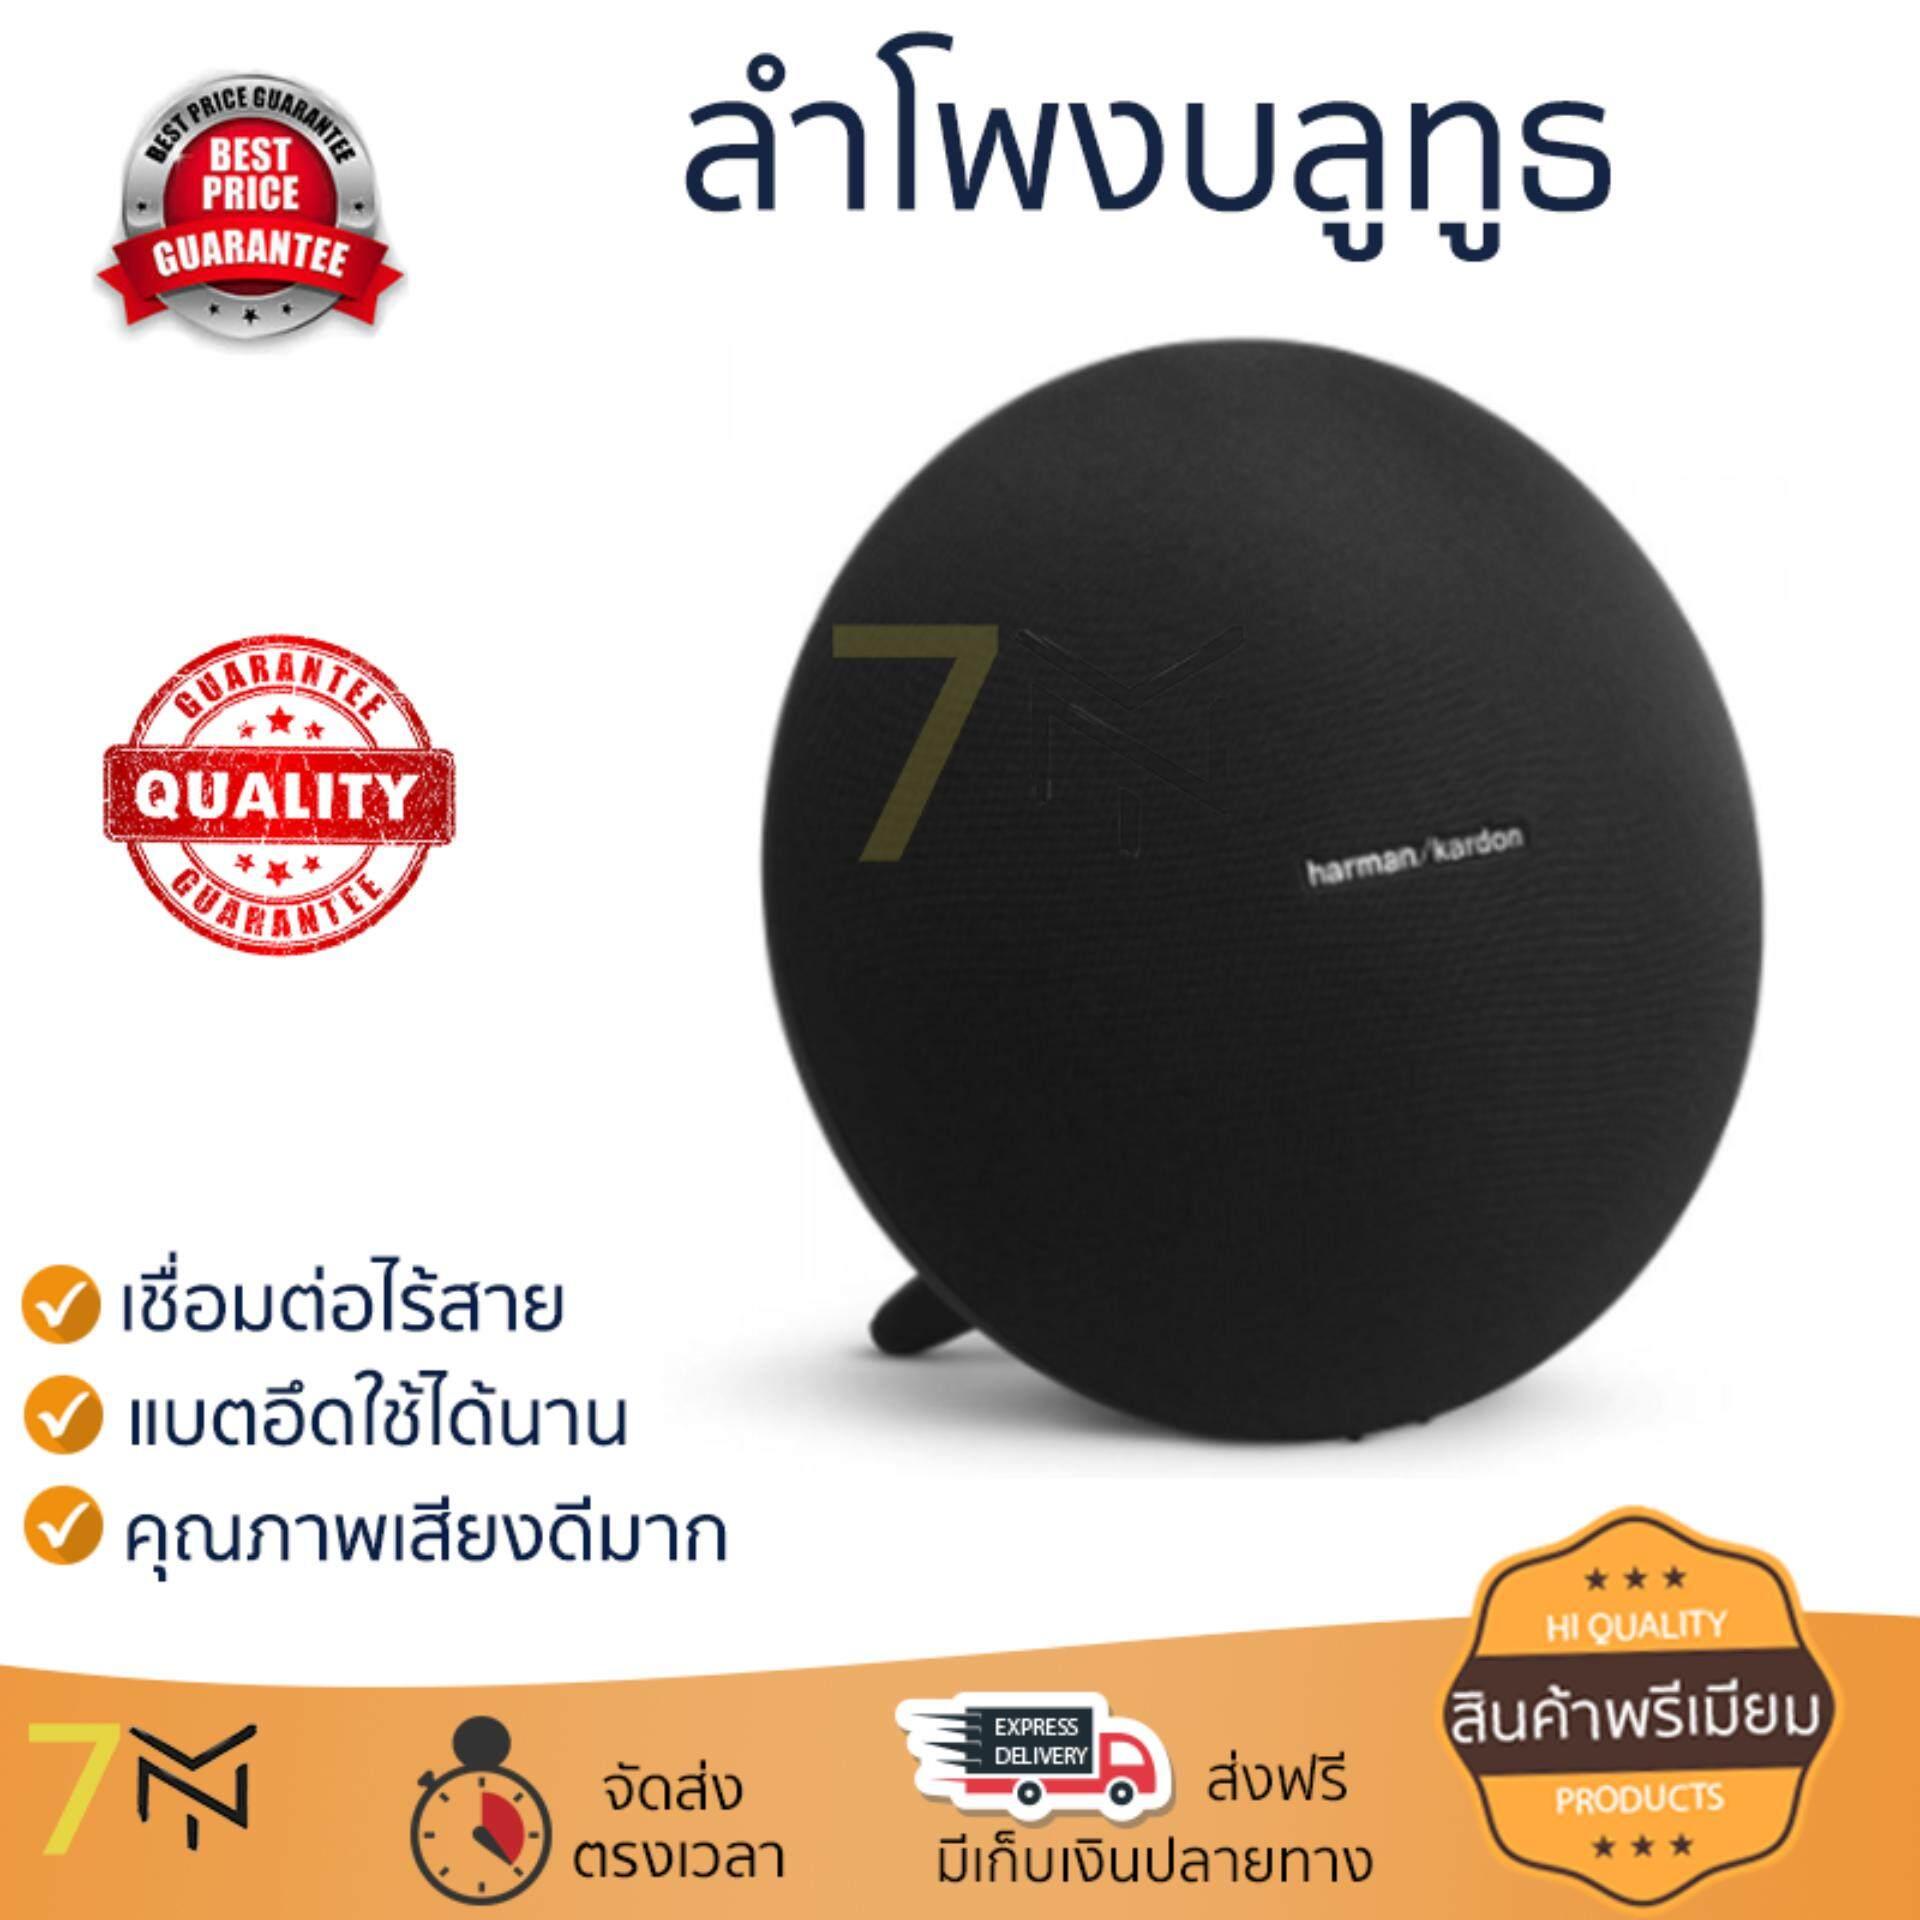 ยี่ห้อไหนดี  กำแพงเพชร จัดส่งฟรี ลำโพงบลูทูธ  Harman Kardon Bluetooth Speaker 2.1 Onyx Studio4 Black เสียงใส คุณภาพเกินตัว Wireless Bluetooth Speaker รับประกัน 1 ปี